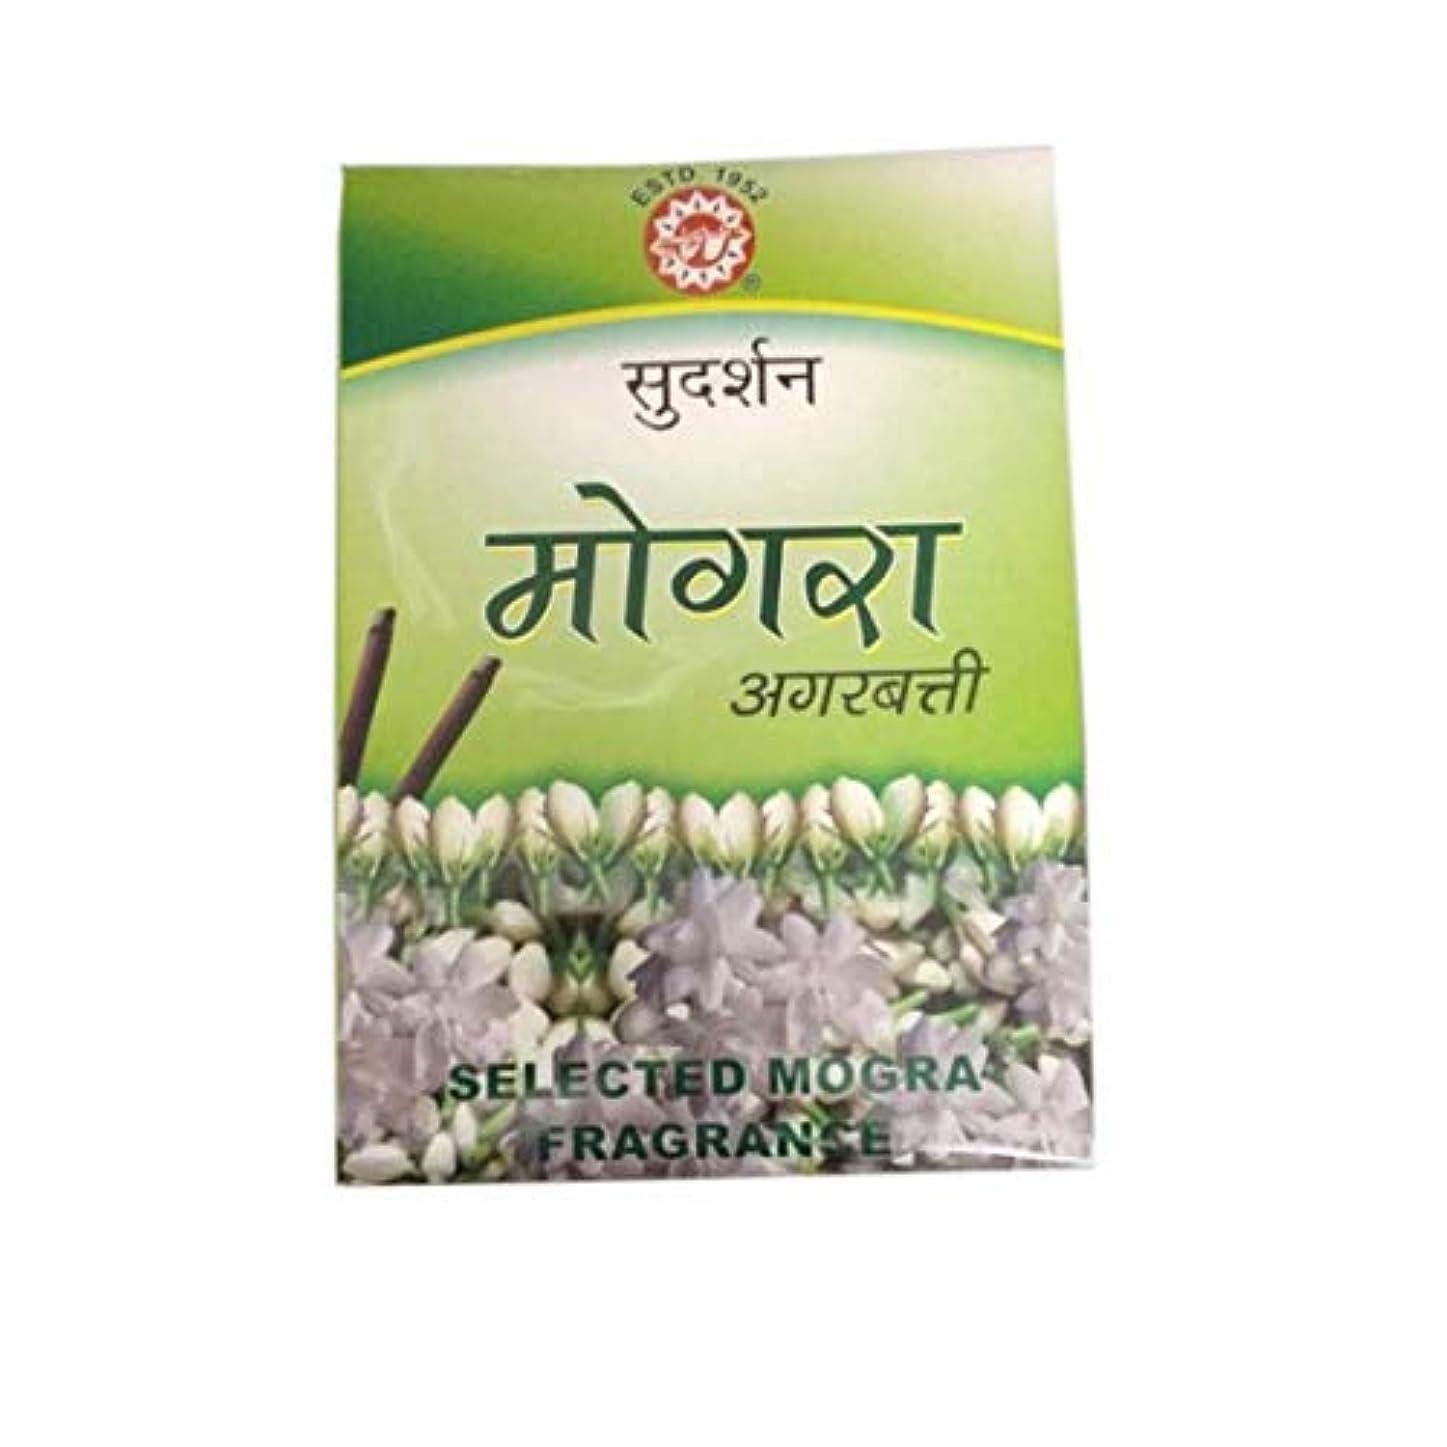 乱れ評判令状Sudarshan Mogra Agarbatti - 12 Sticks Packet 1 Box Fragrance Incense Sticks for Positivity & Freshness Lavender...